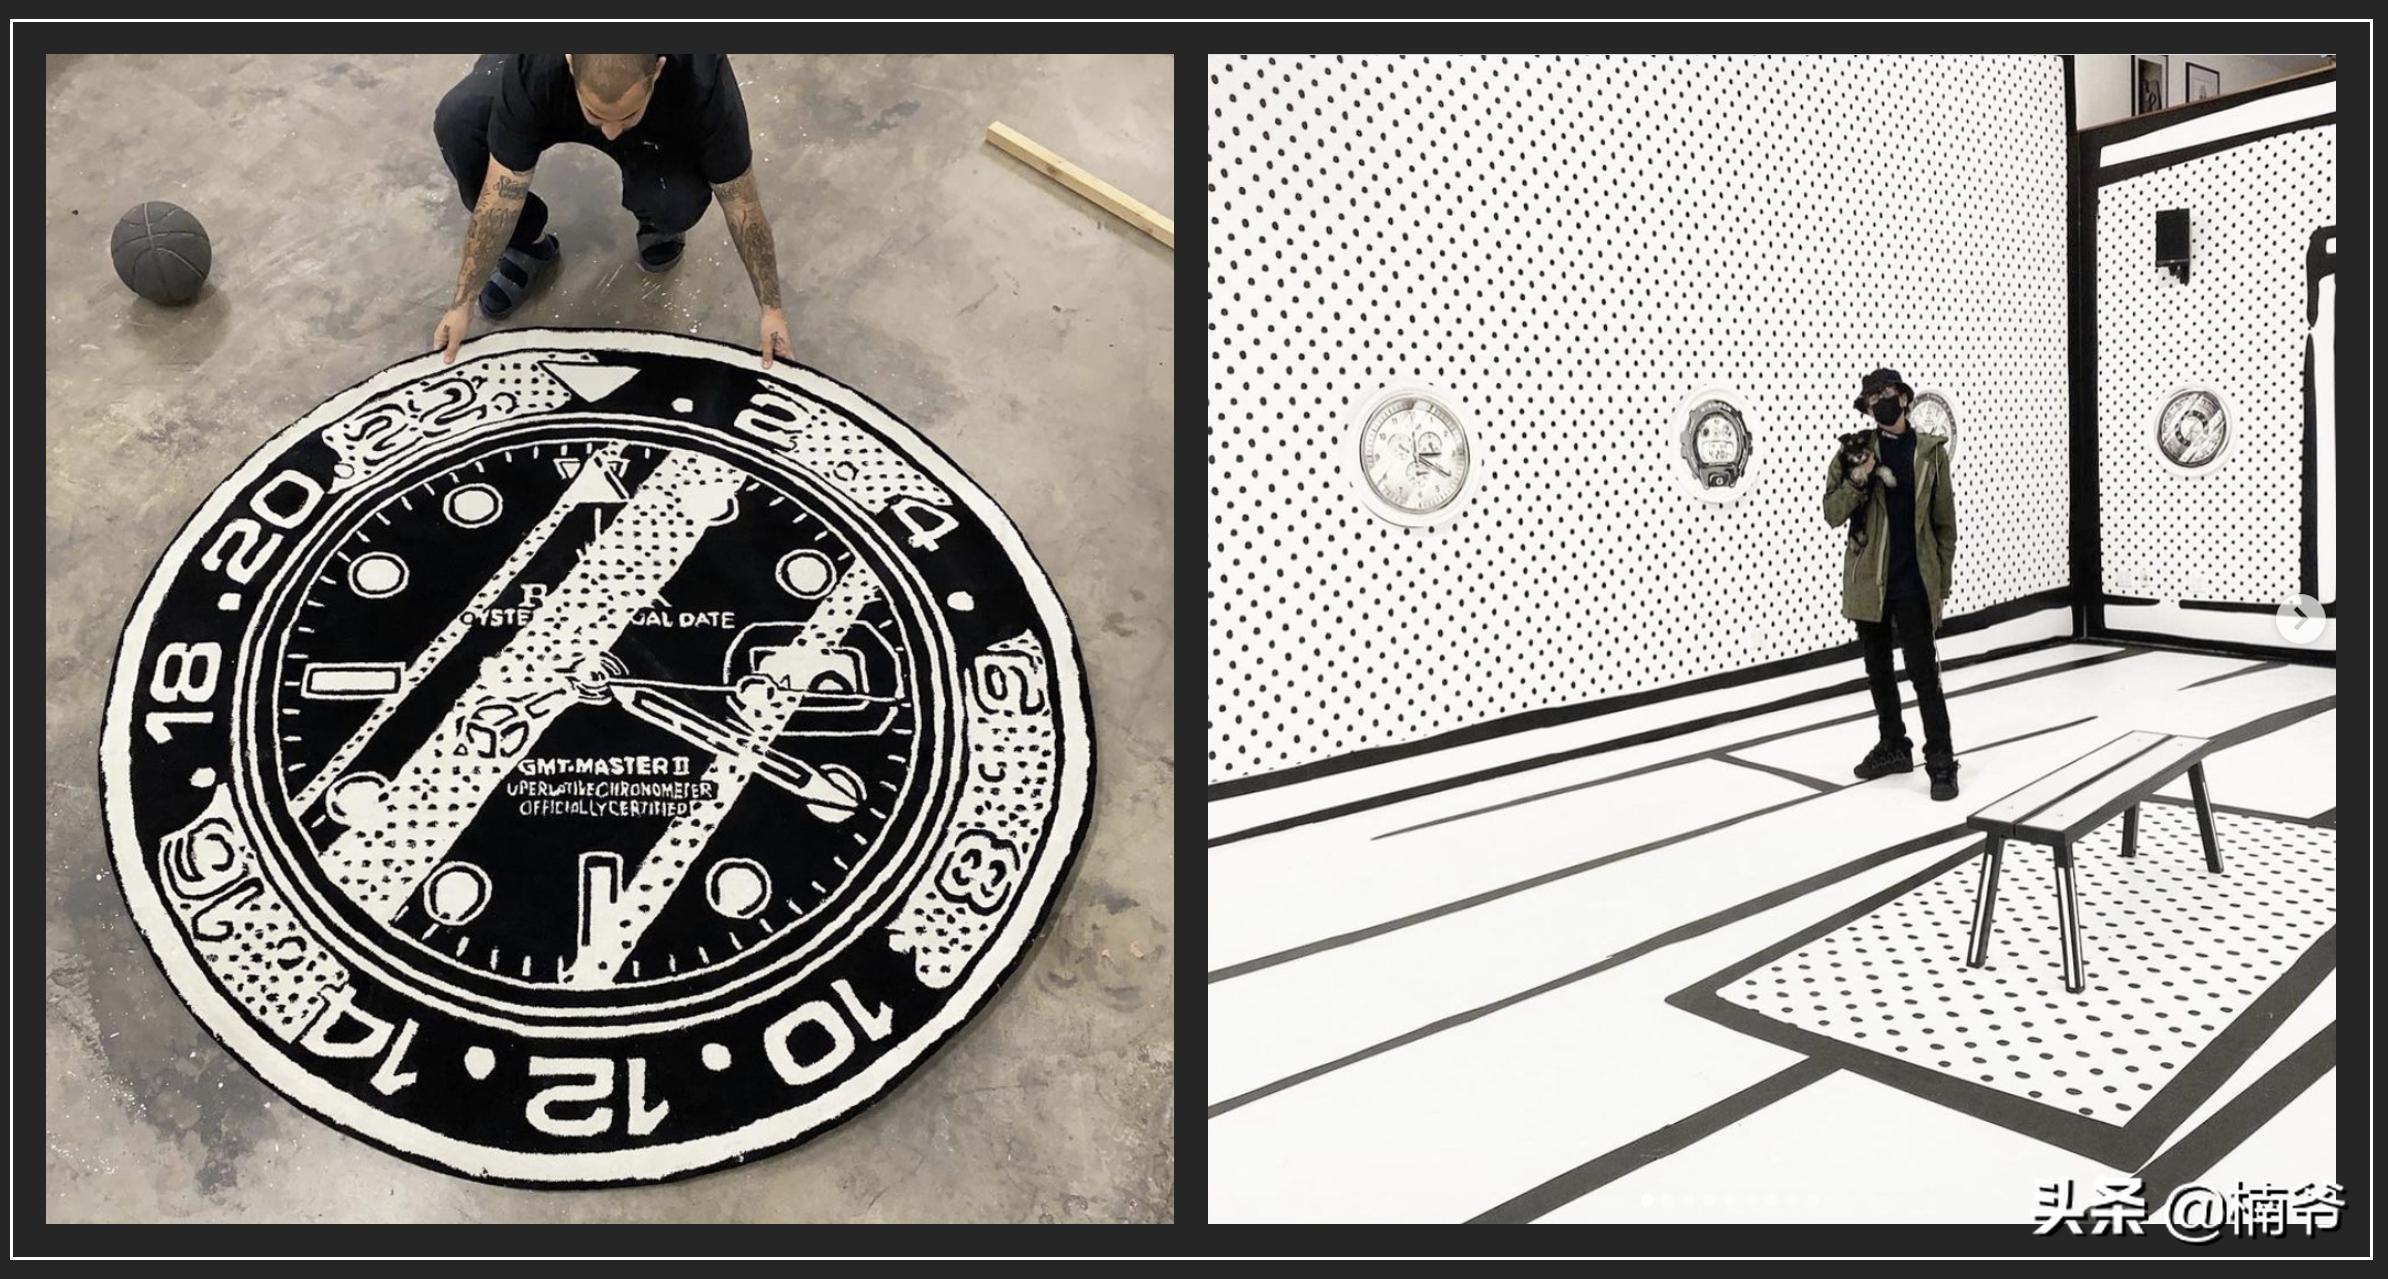 时间的艺术—OPPO Reno5 Pro+艺术家限定版浅析